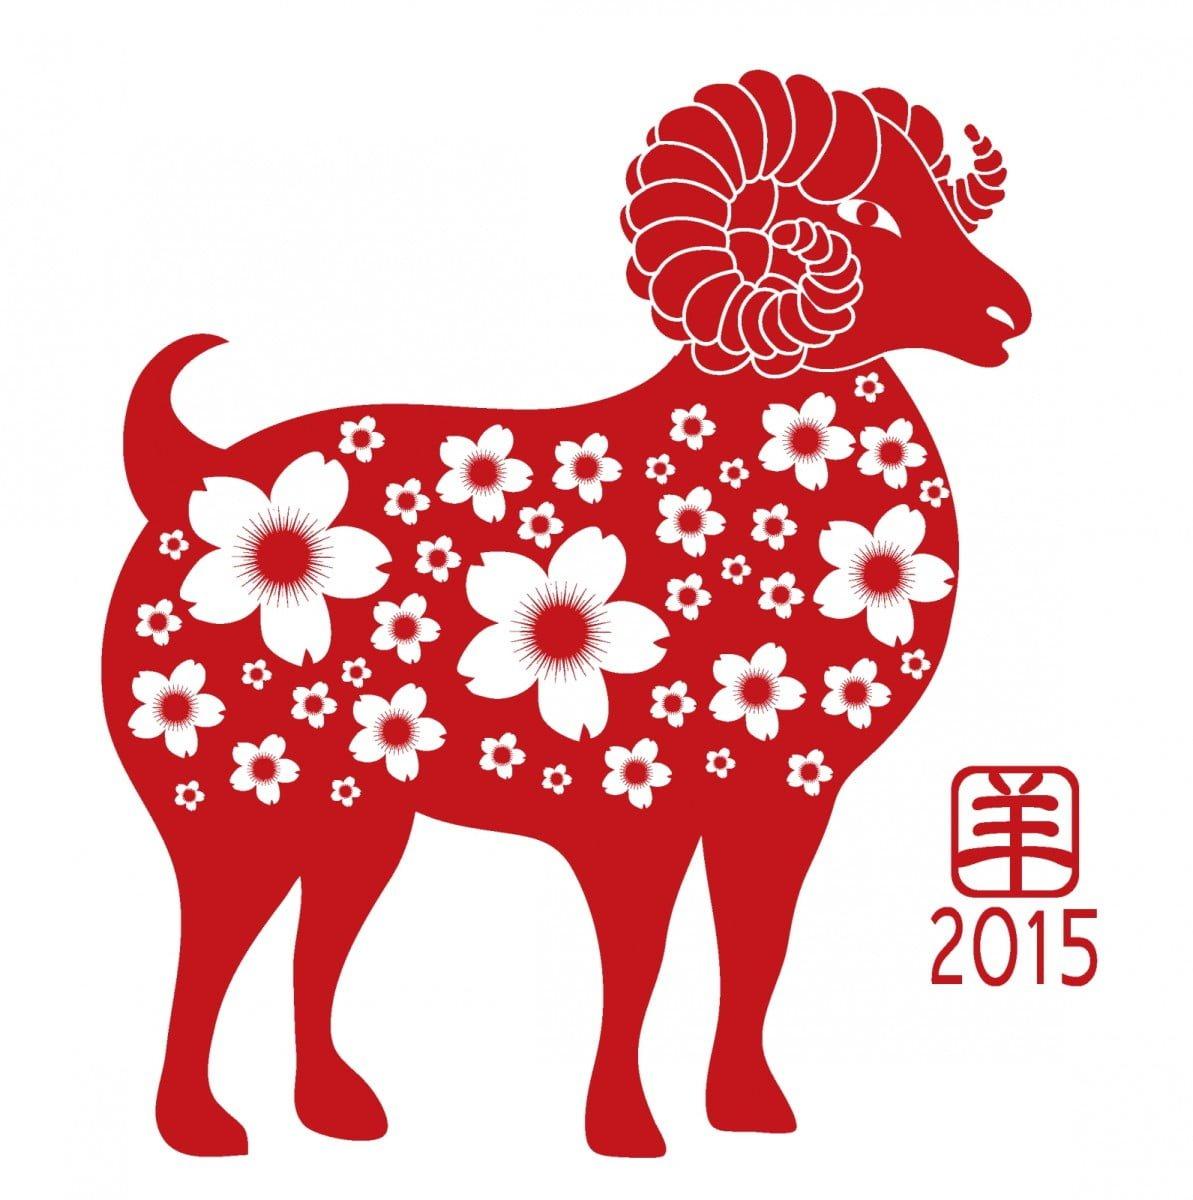 Baaah Baaah Wishing You A Happy Year Of The Goat